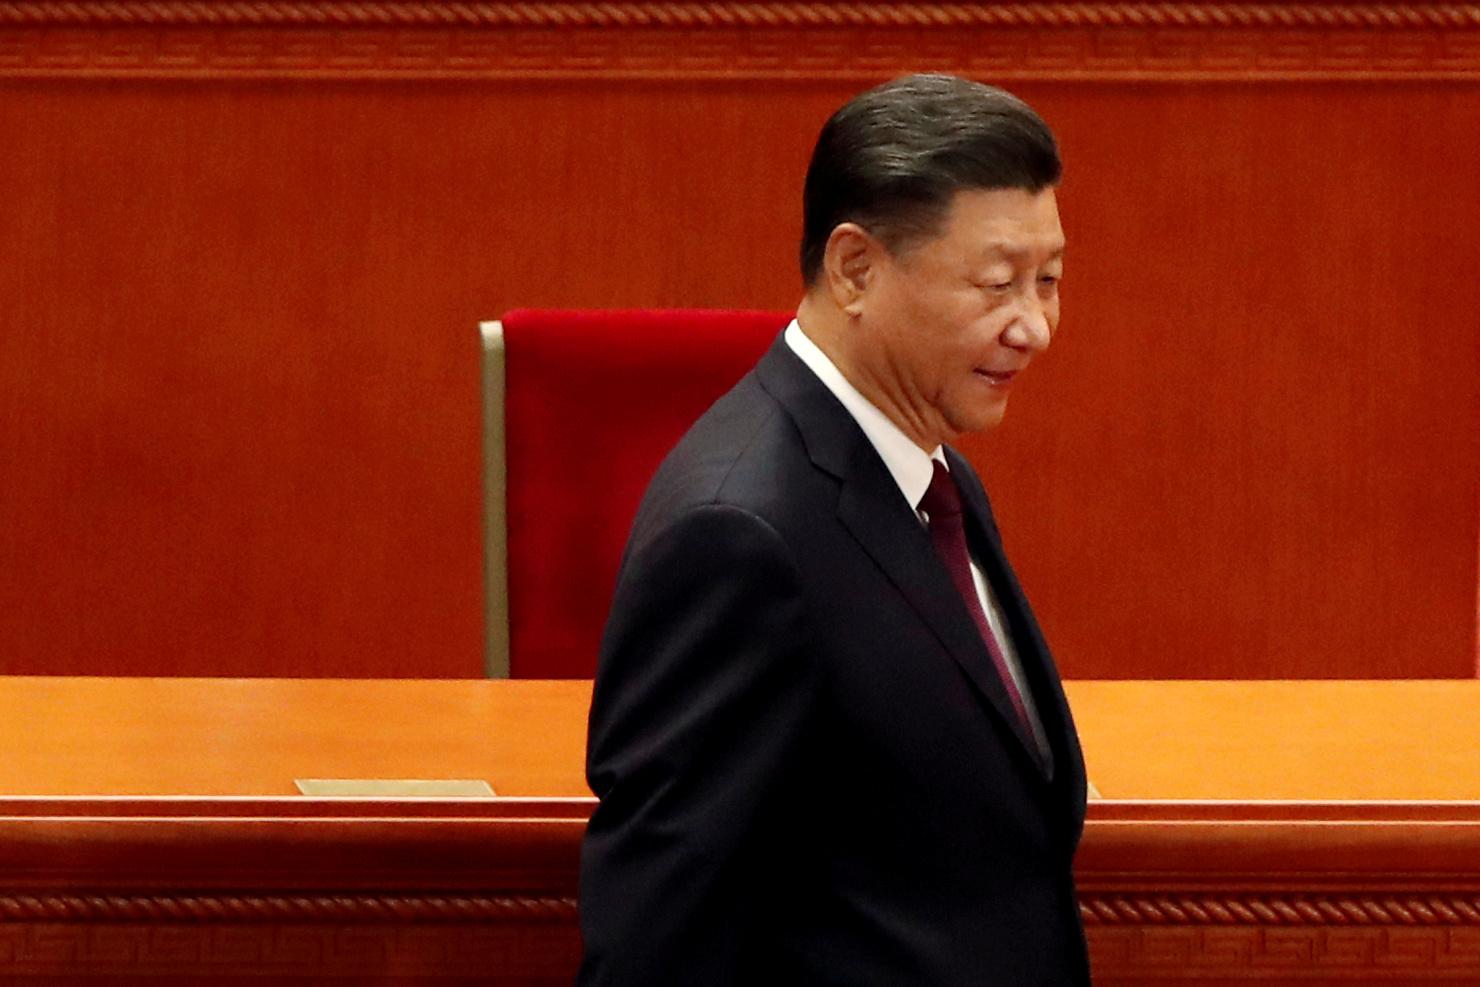 China atravessa momento de pior repressão aos direitos humanos, aponta relatório